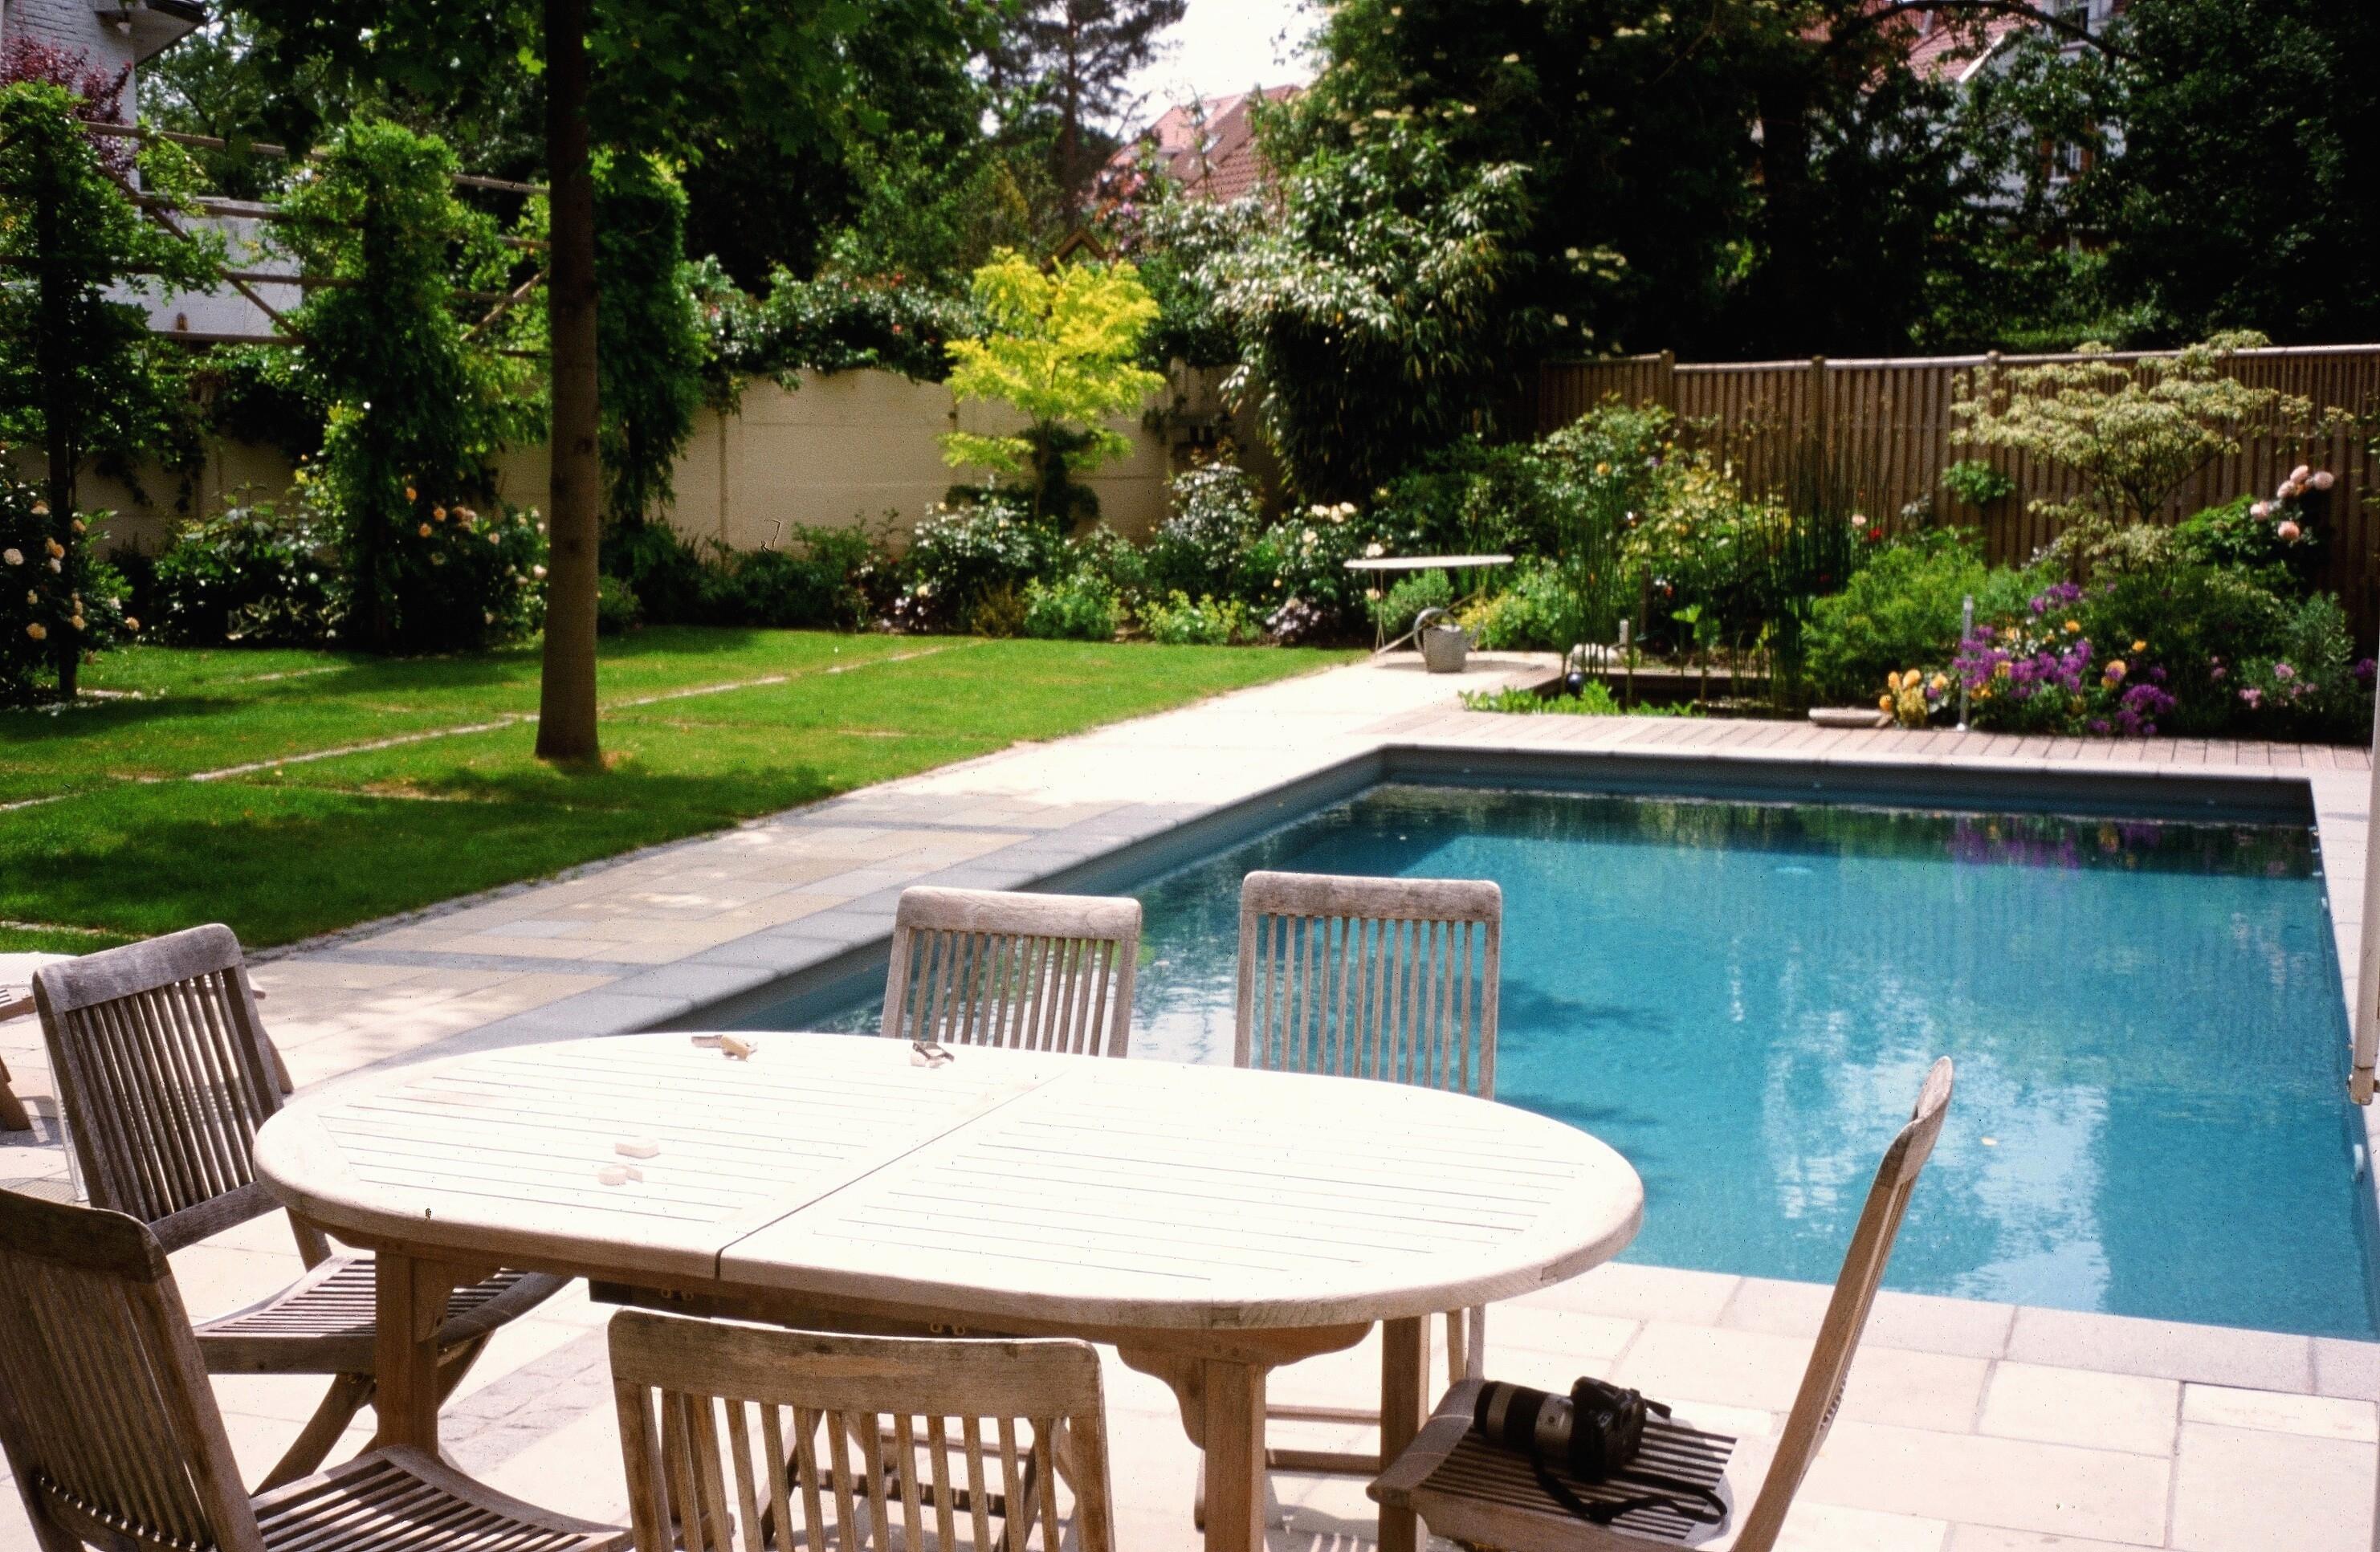 Banc De Jardin En Palette Impressionnant Photos Banc De Jardin En Bois De Palette Beau Table Jardin Teck Luxe Banc